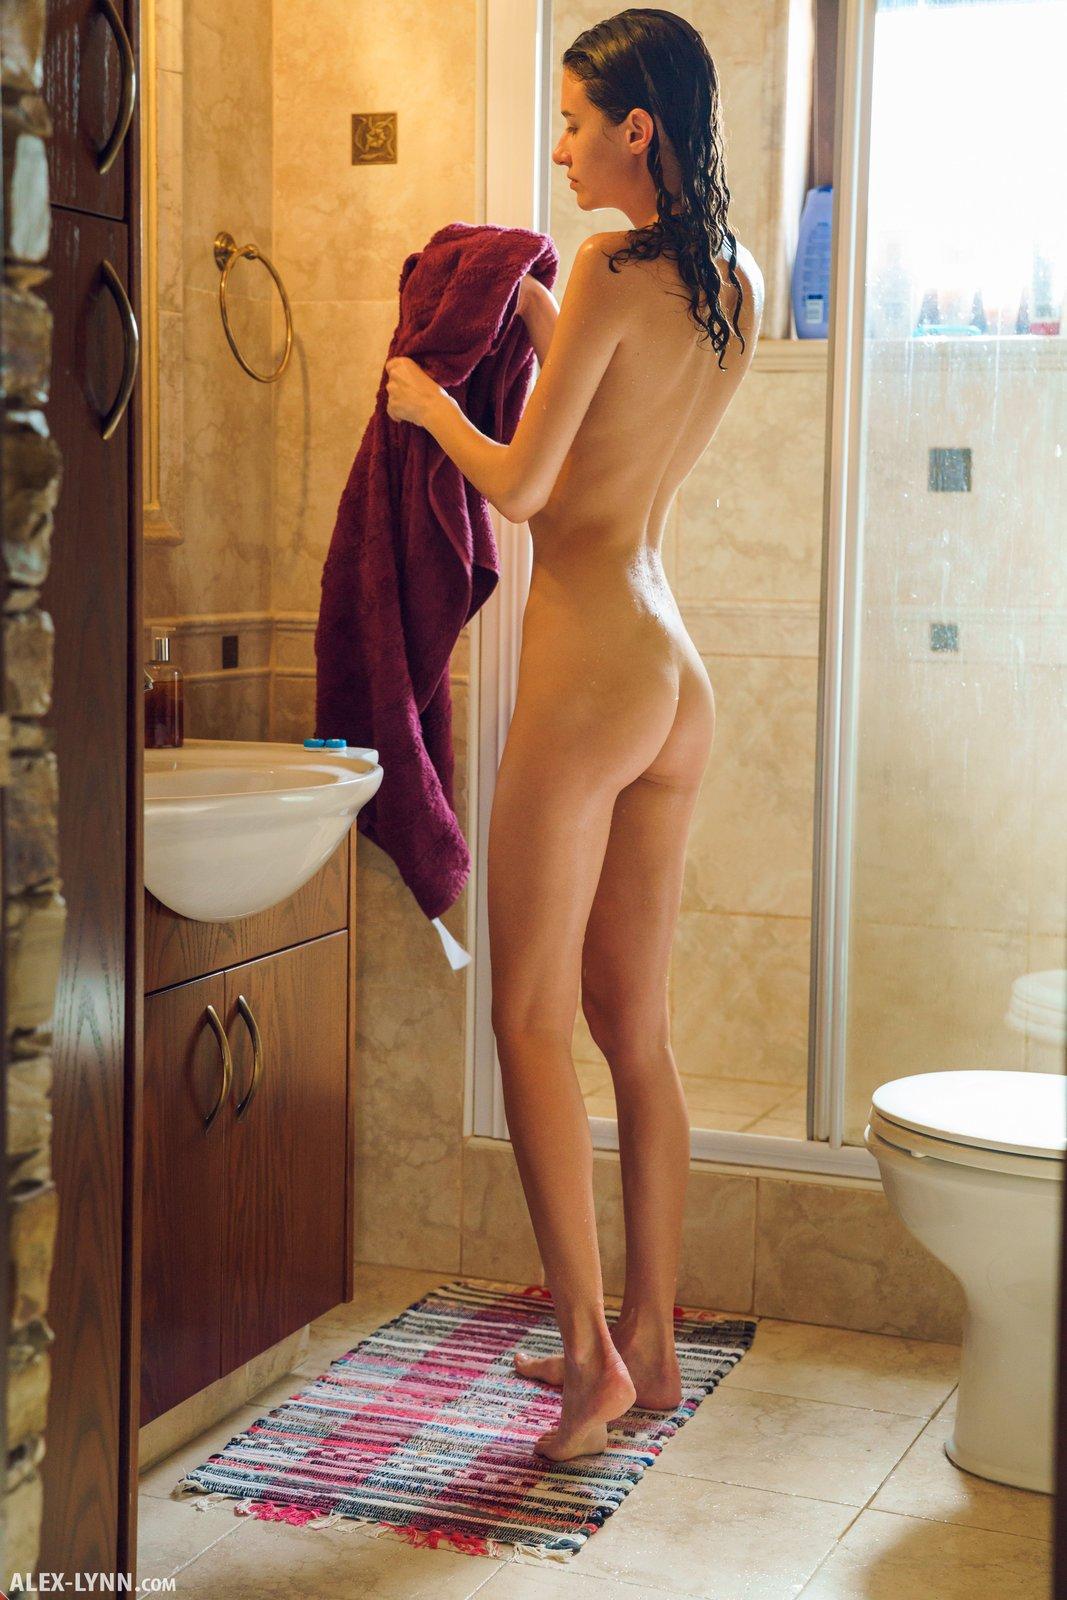 Голая девушка вытирается полотенцем после душа